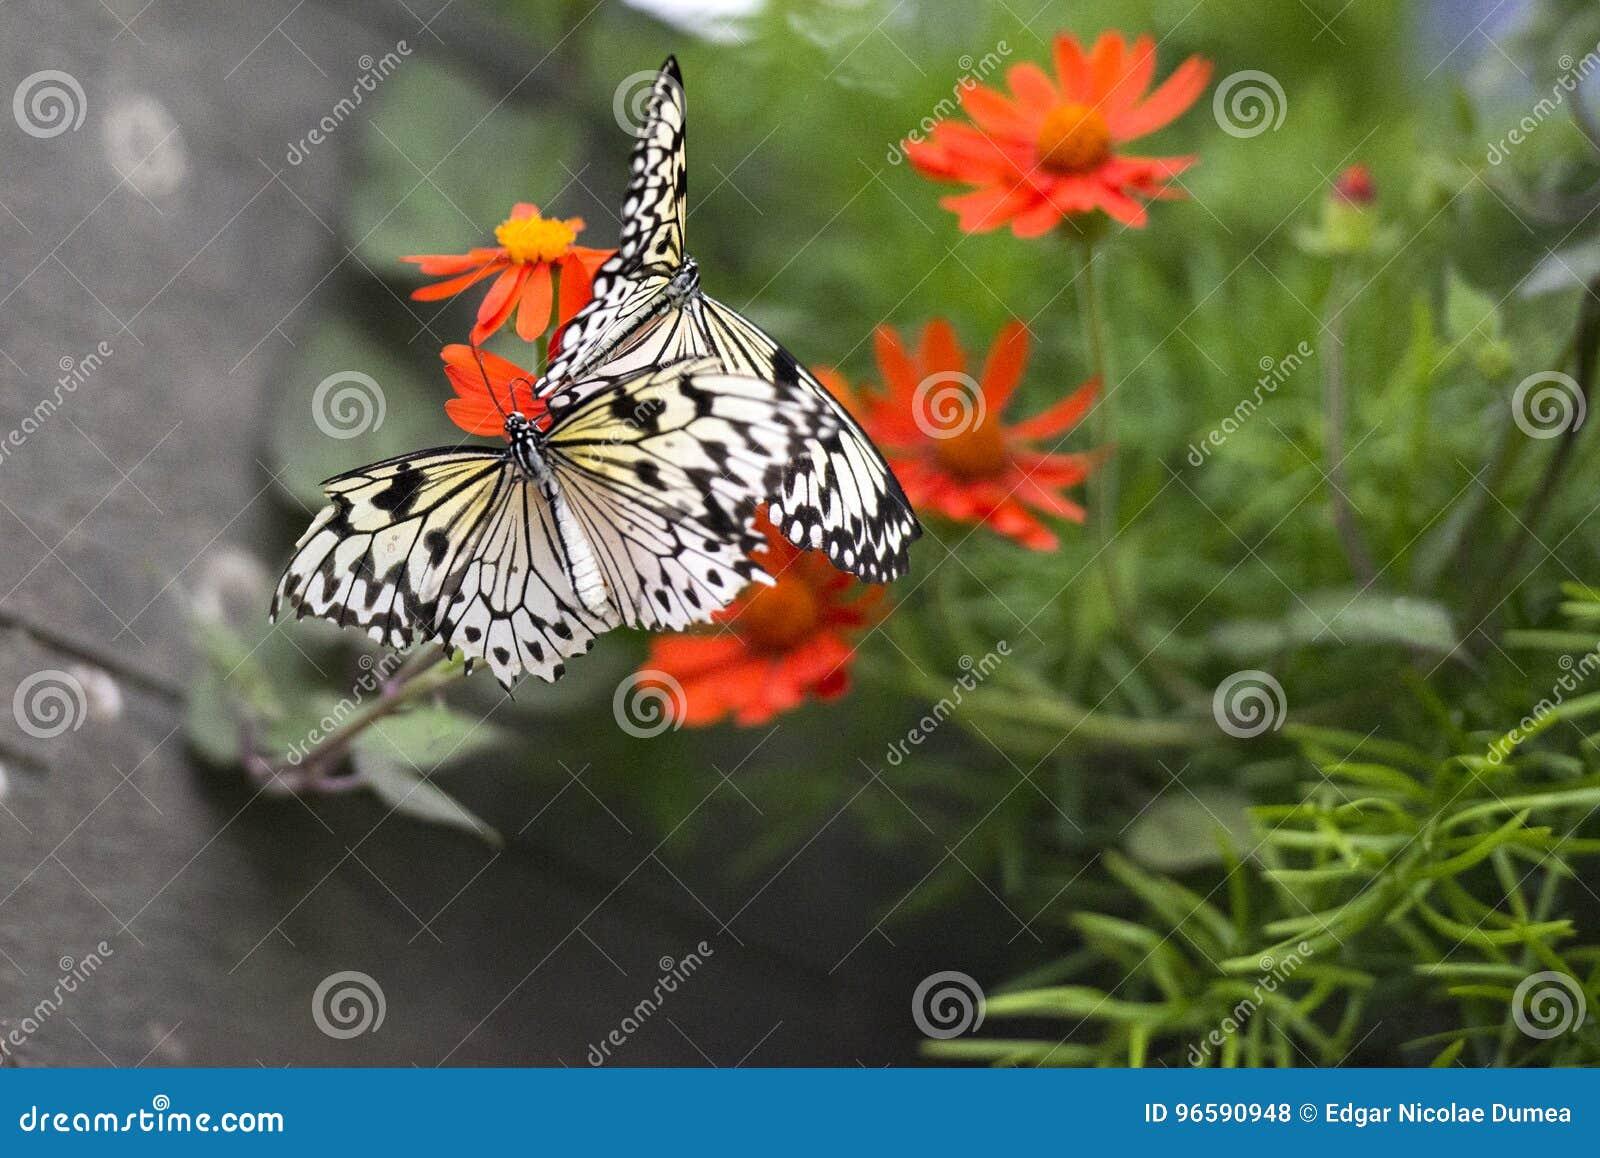 Schmetterlinge, die zu einer Blume Guten Tag sagen